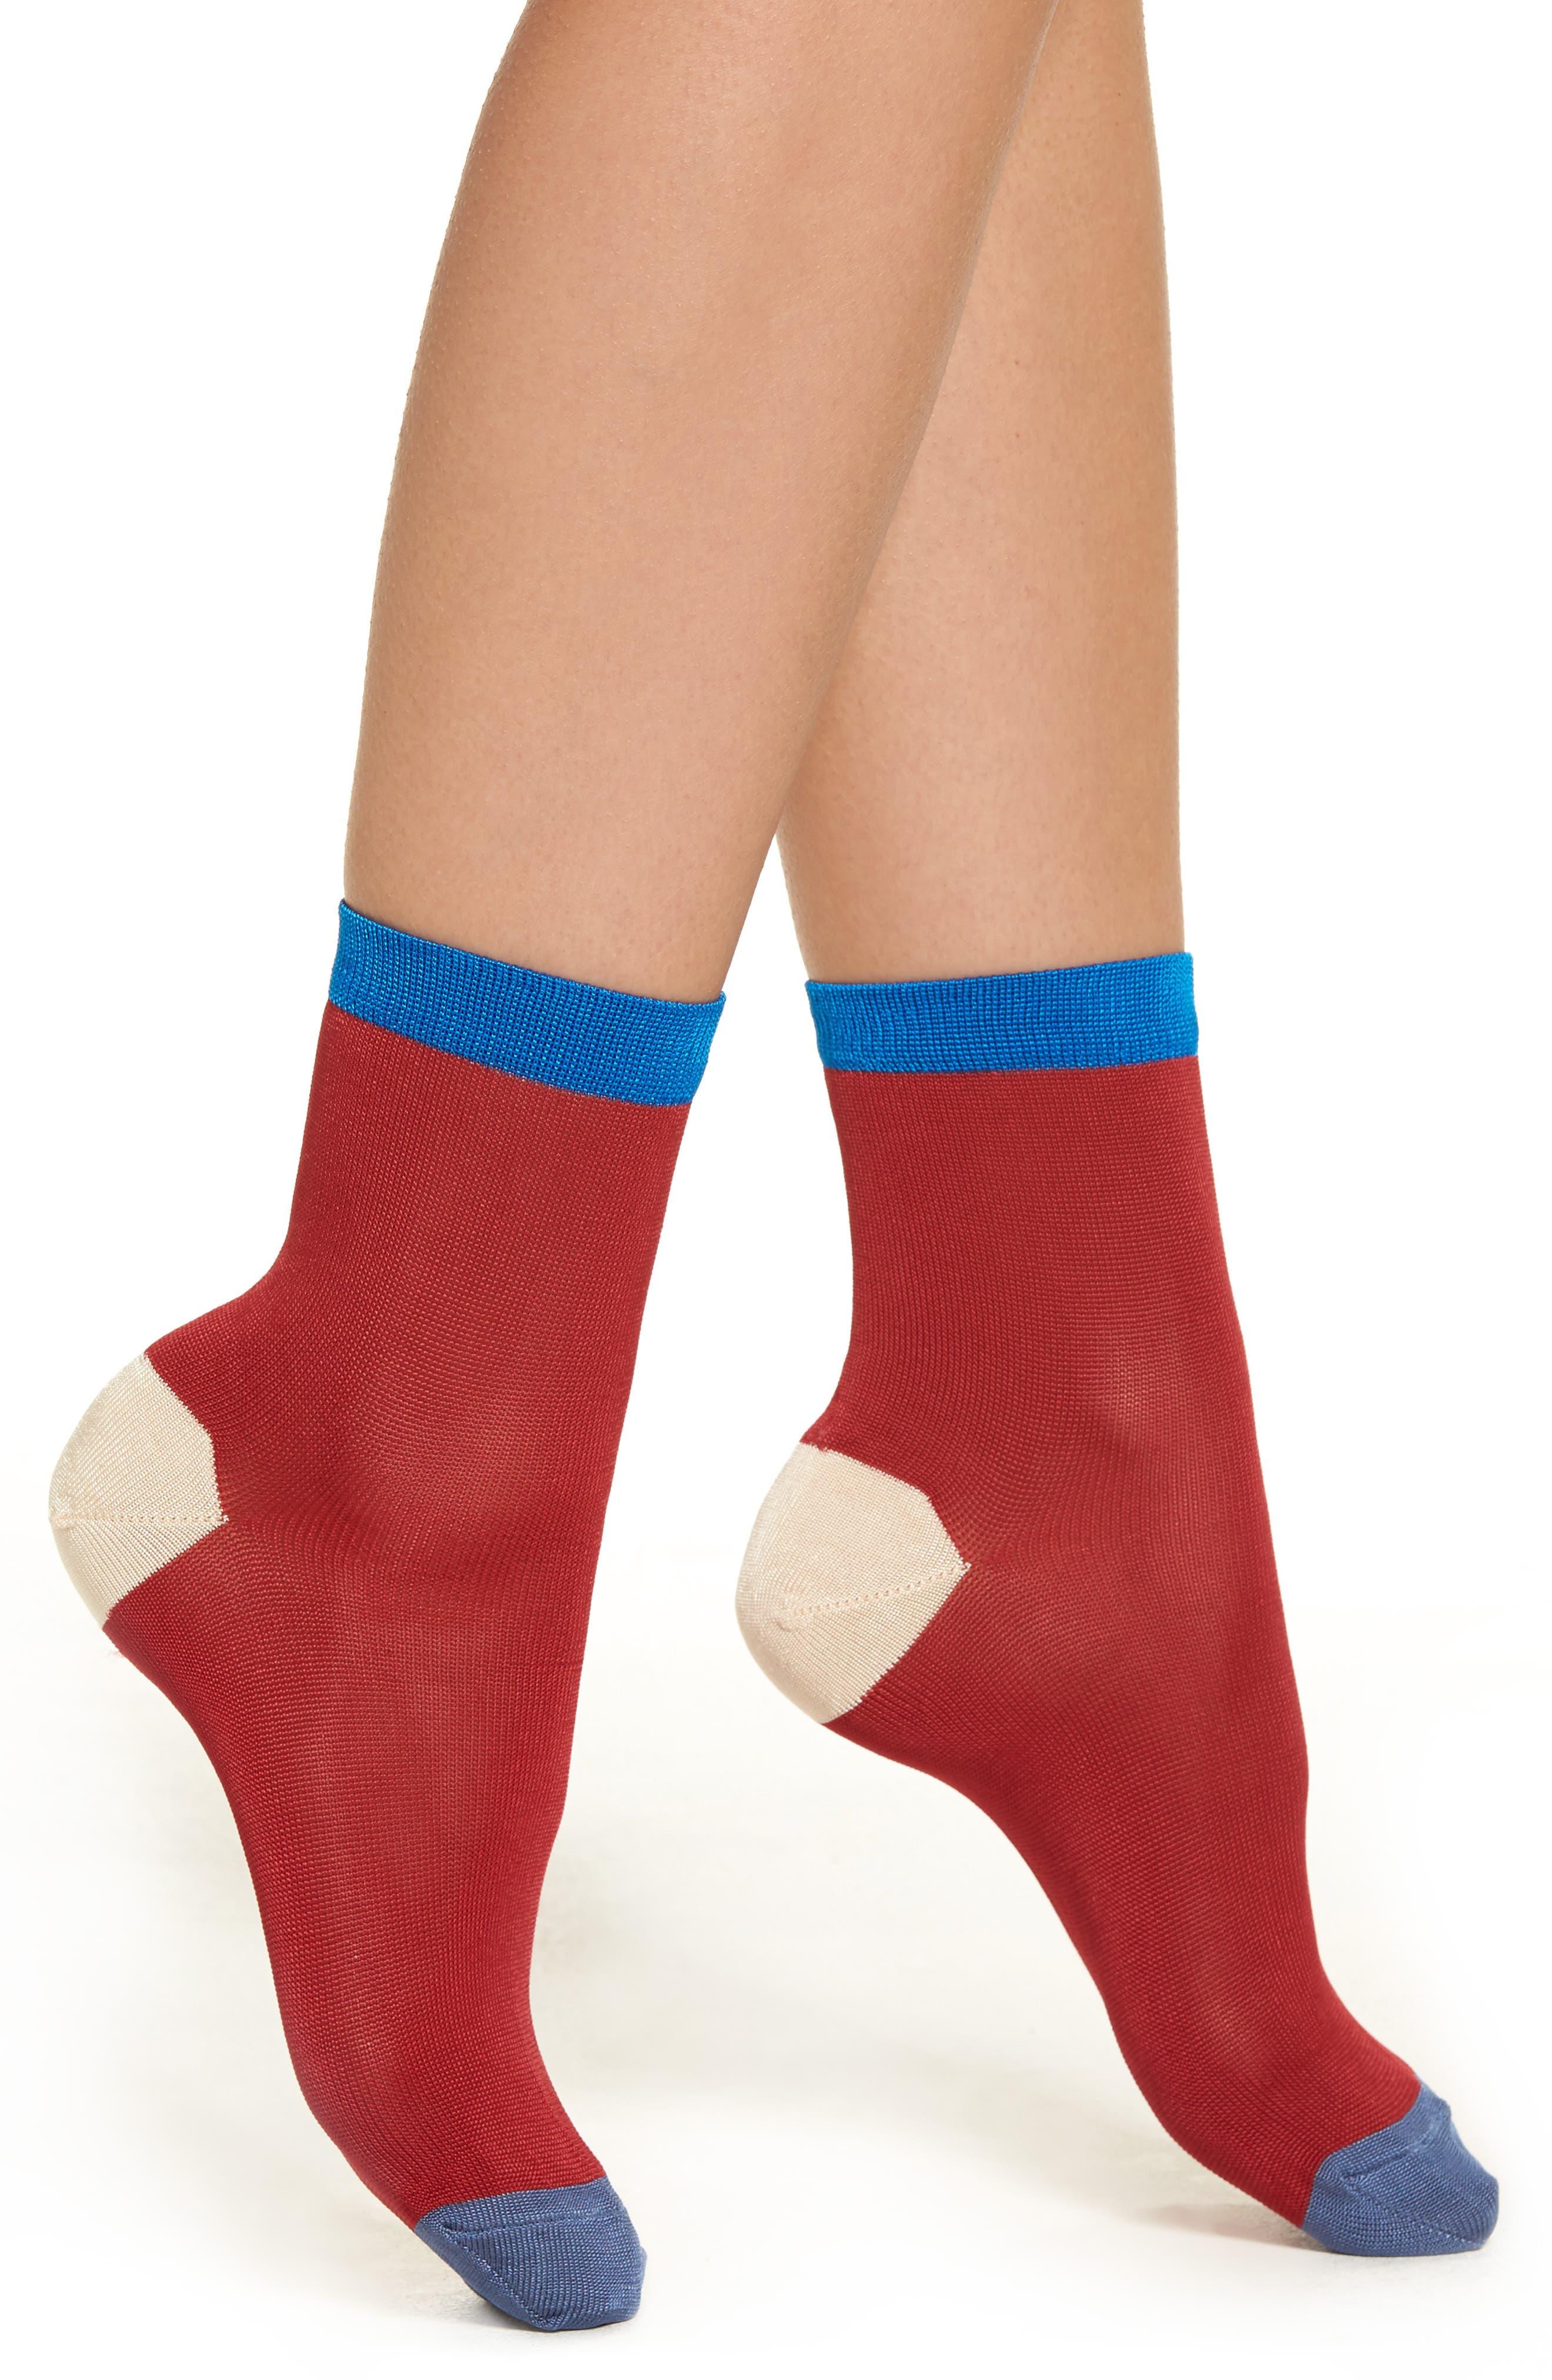 Grace Colorblock Ankle Socks,                         Main,                         color, 600